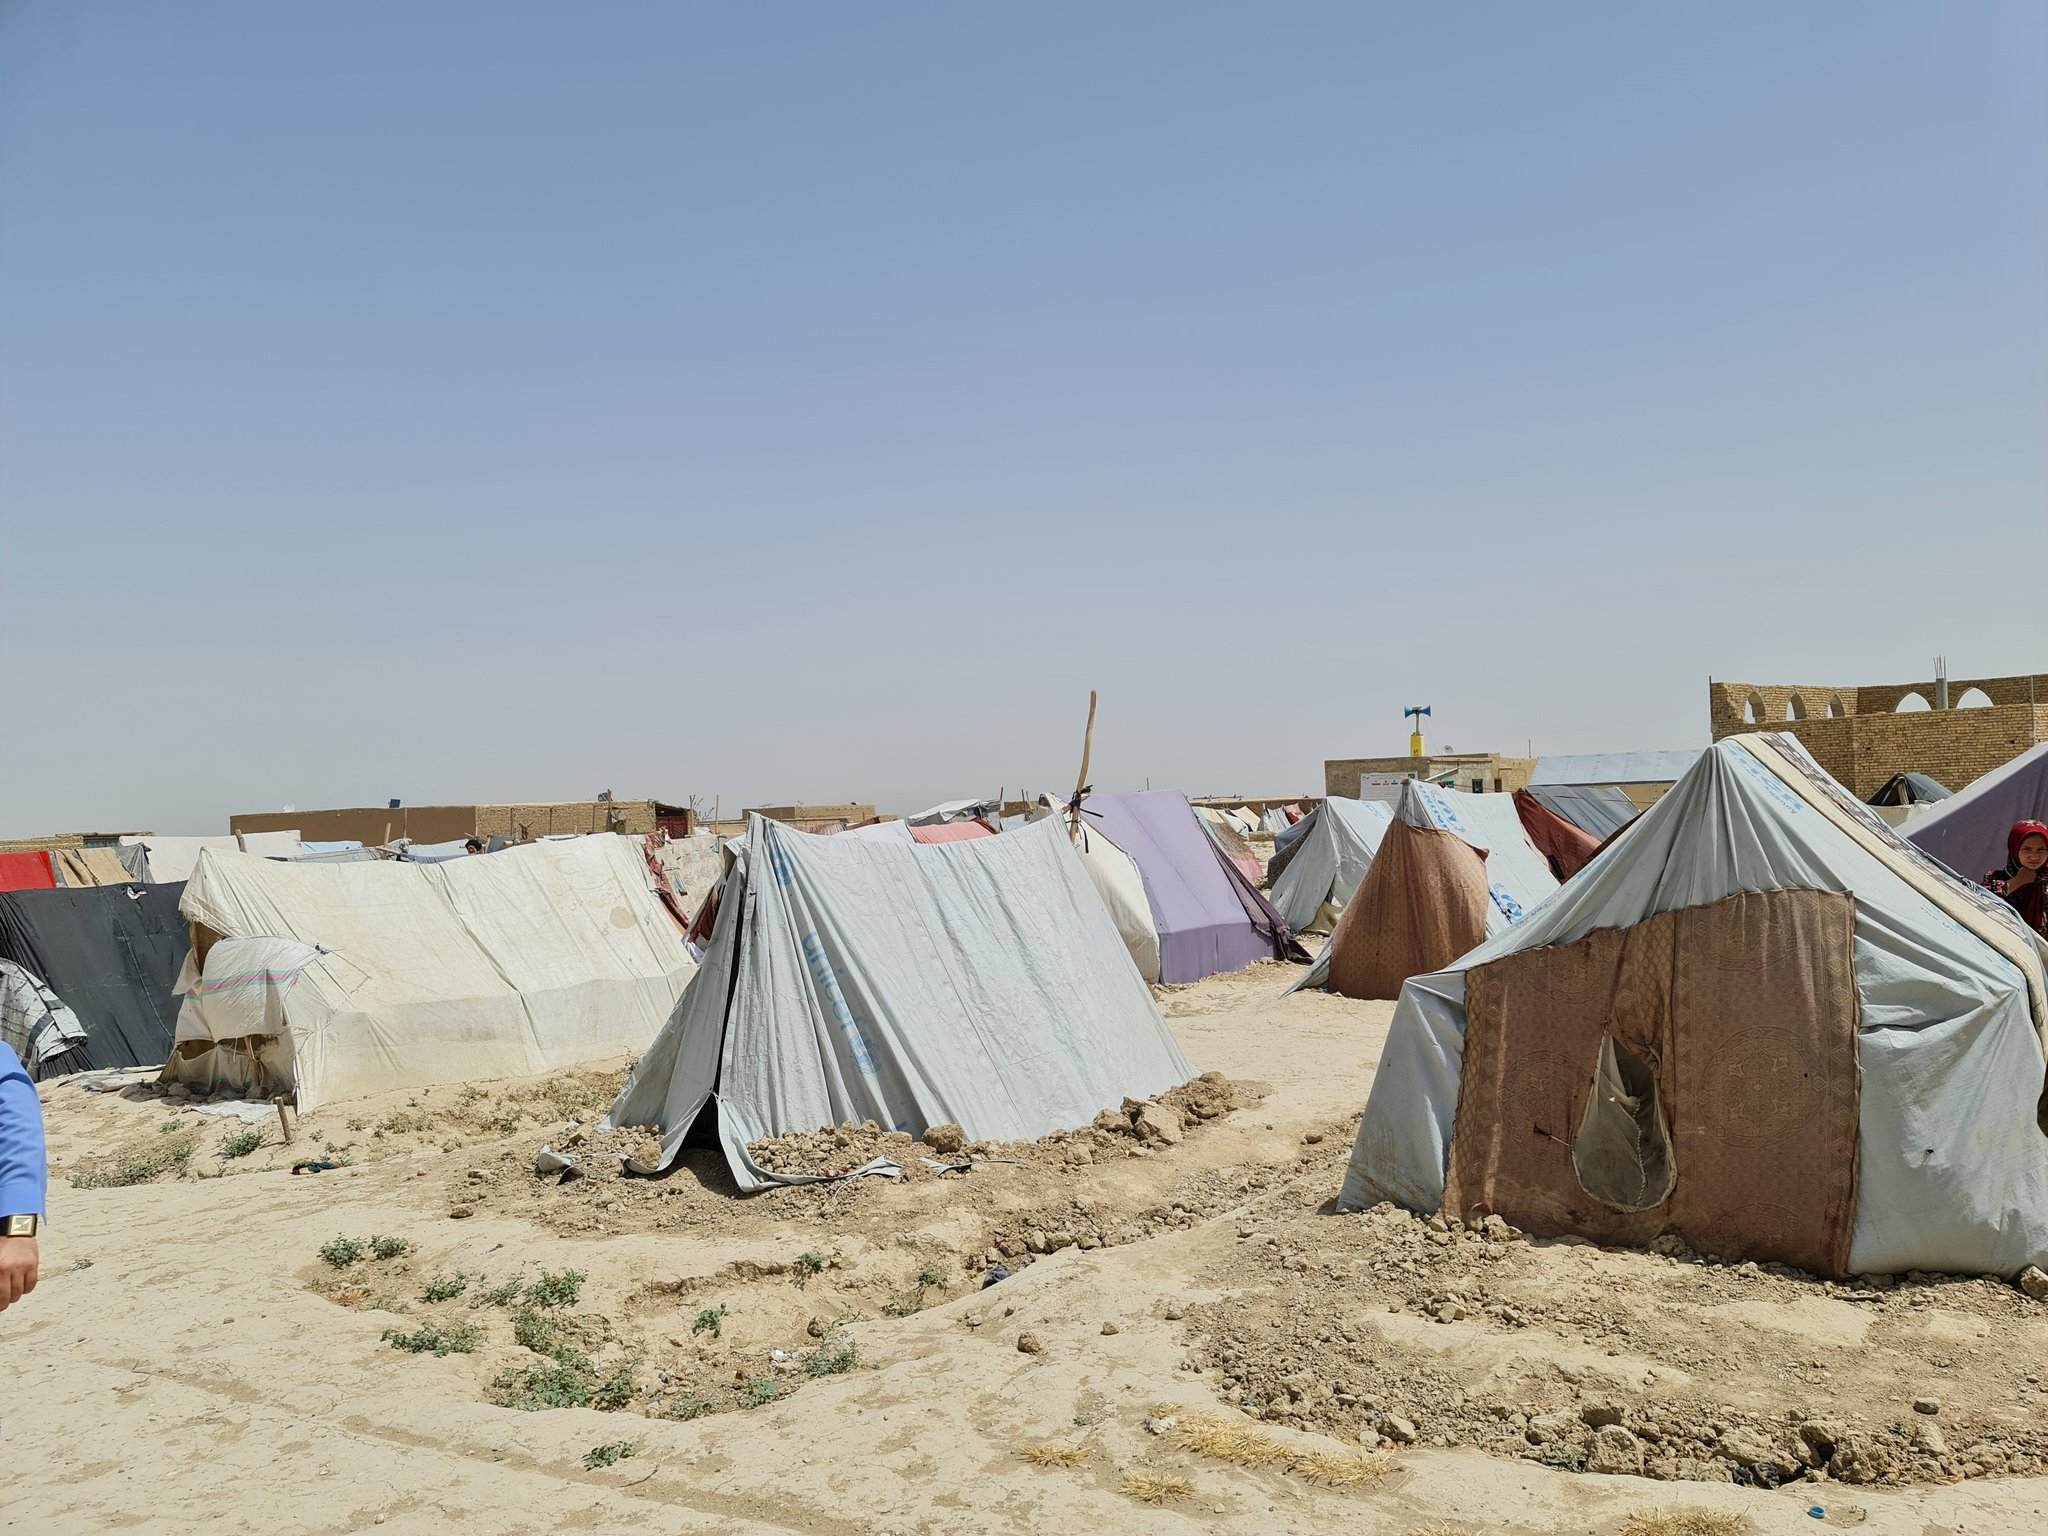 Ανησυχία για νέα έκρηξη των μεταναστευτικών ροών λόγω Αφγανιστάν – Κίνδυνος εργαλειοποίησης από Τουρκία